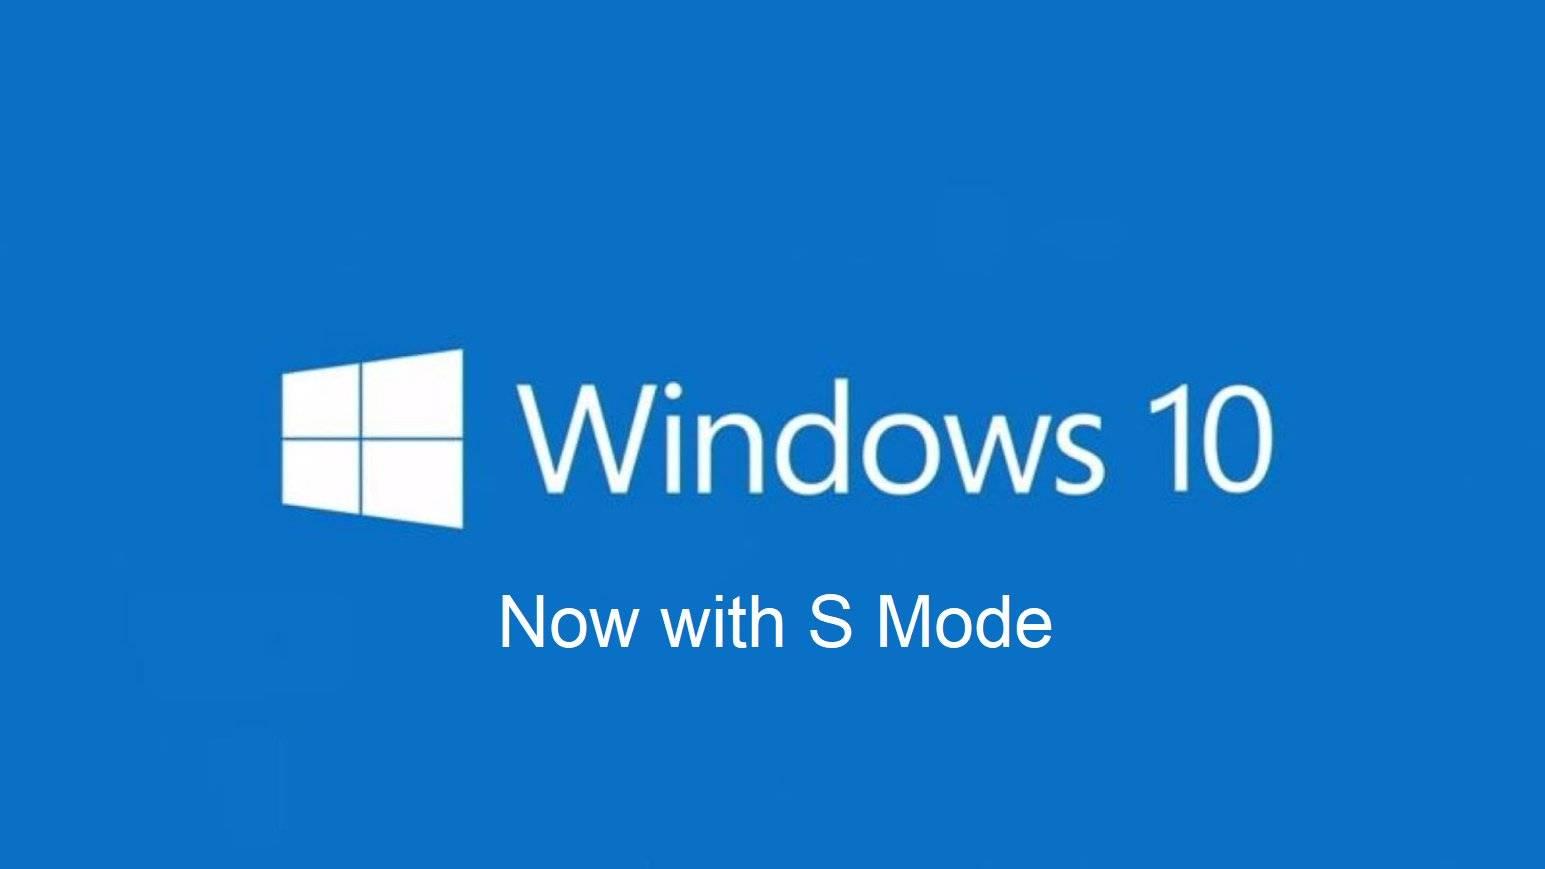 حل مايكروسوفت لمشكلة ويندوز 10